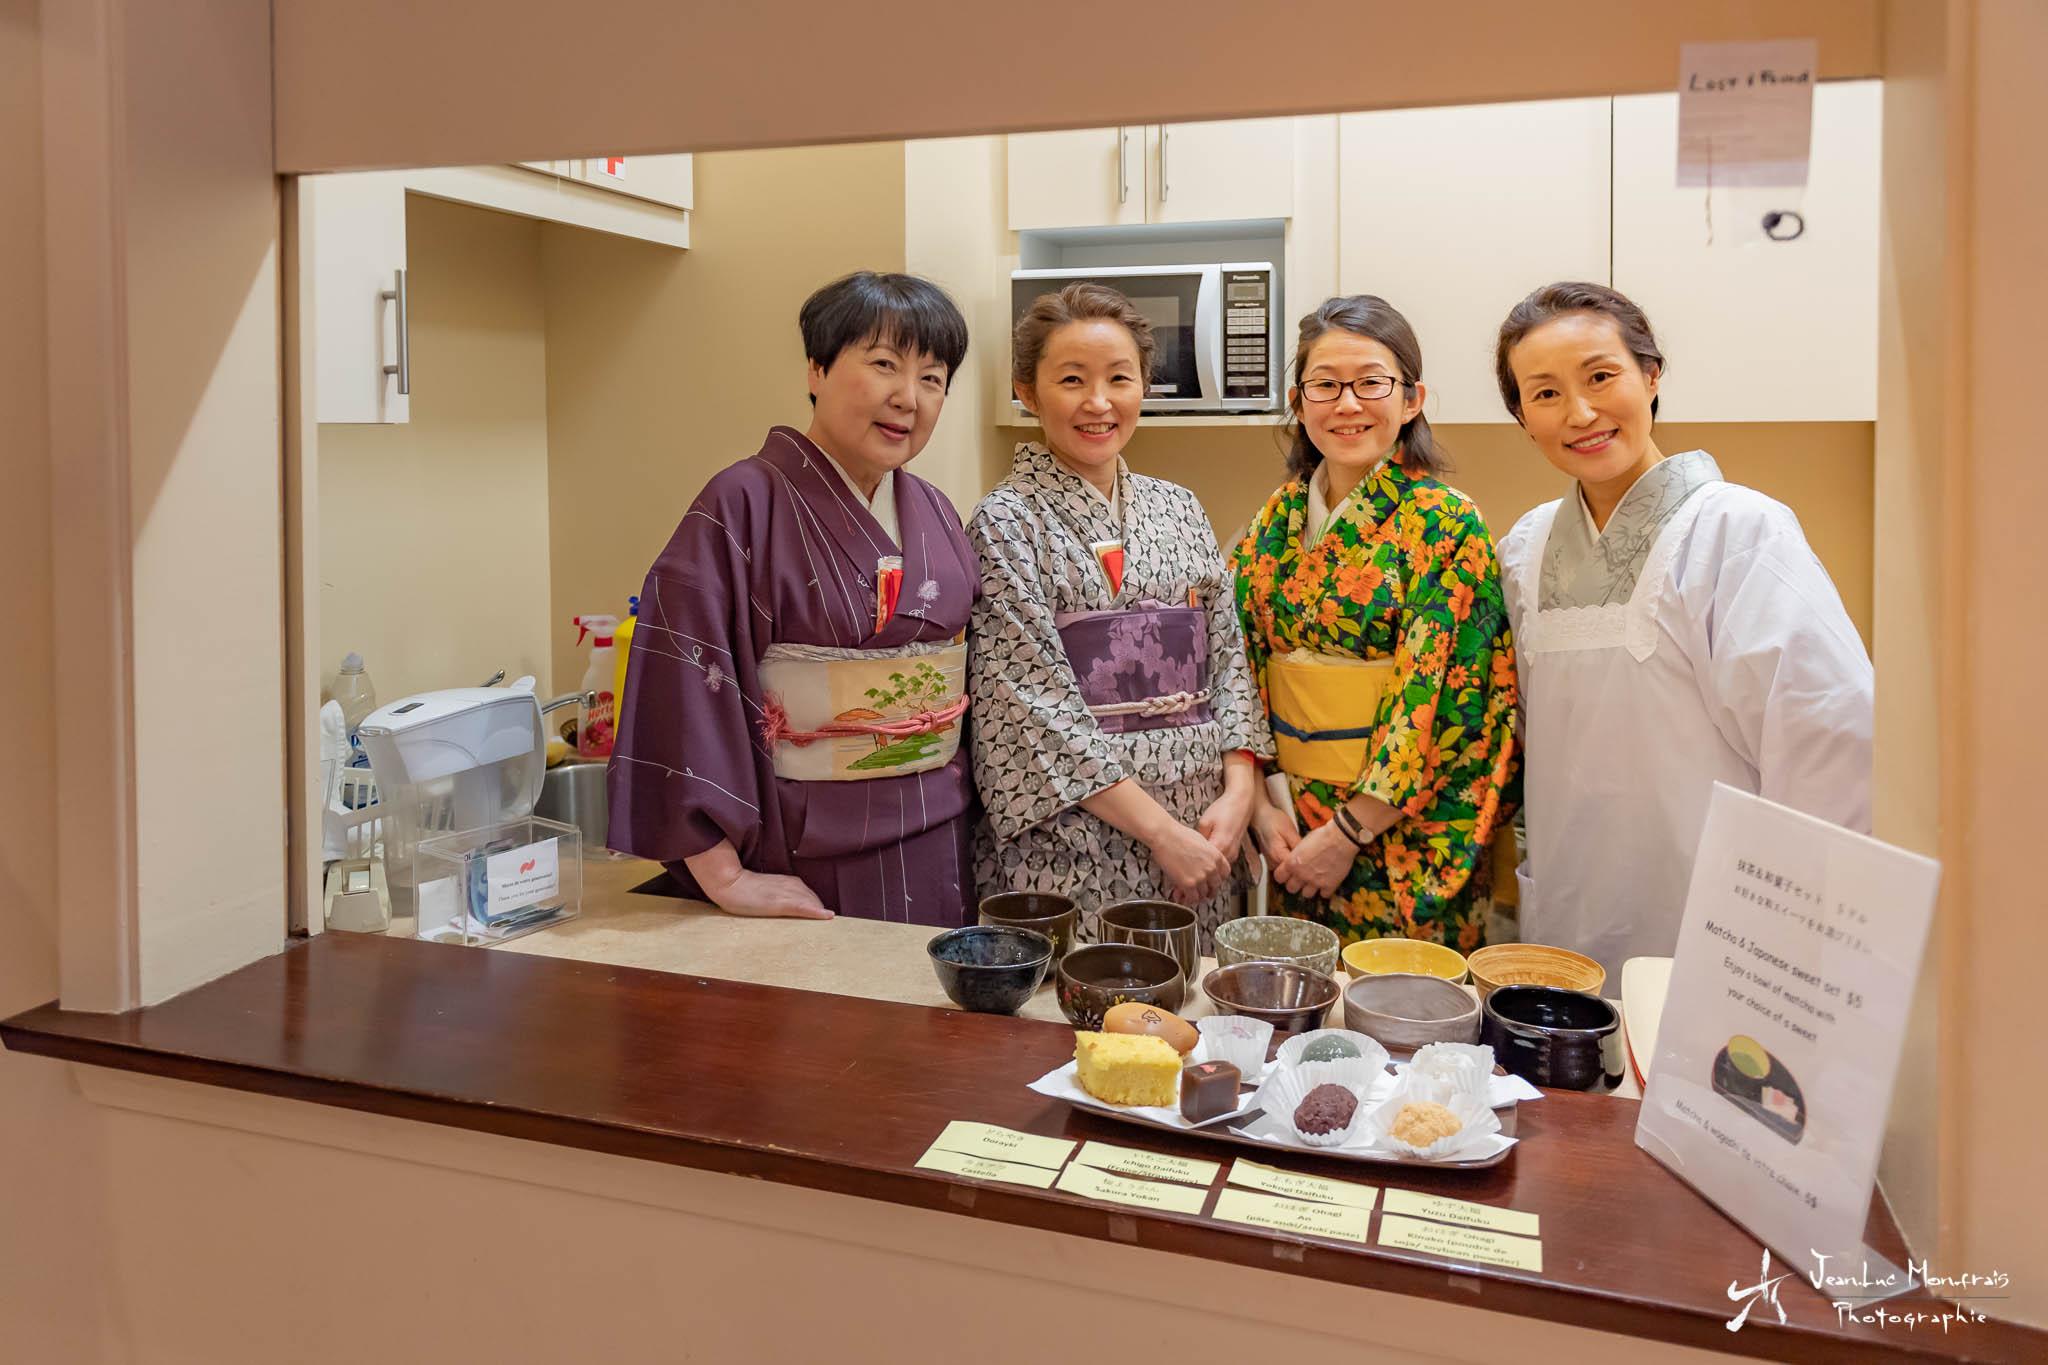 2019_03_30_kimonobazaar_JLM_10